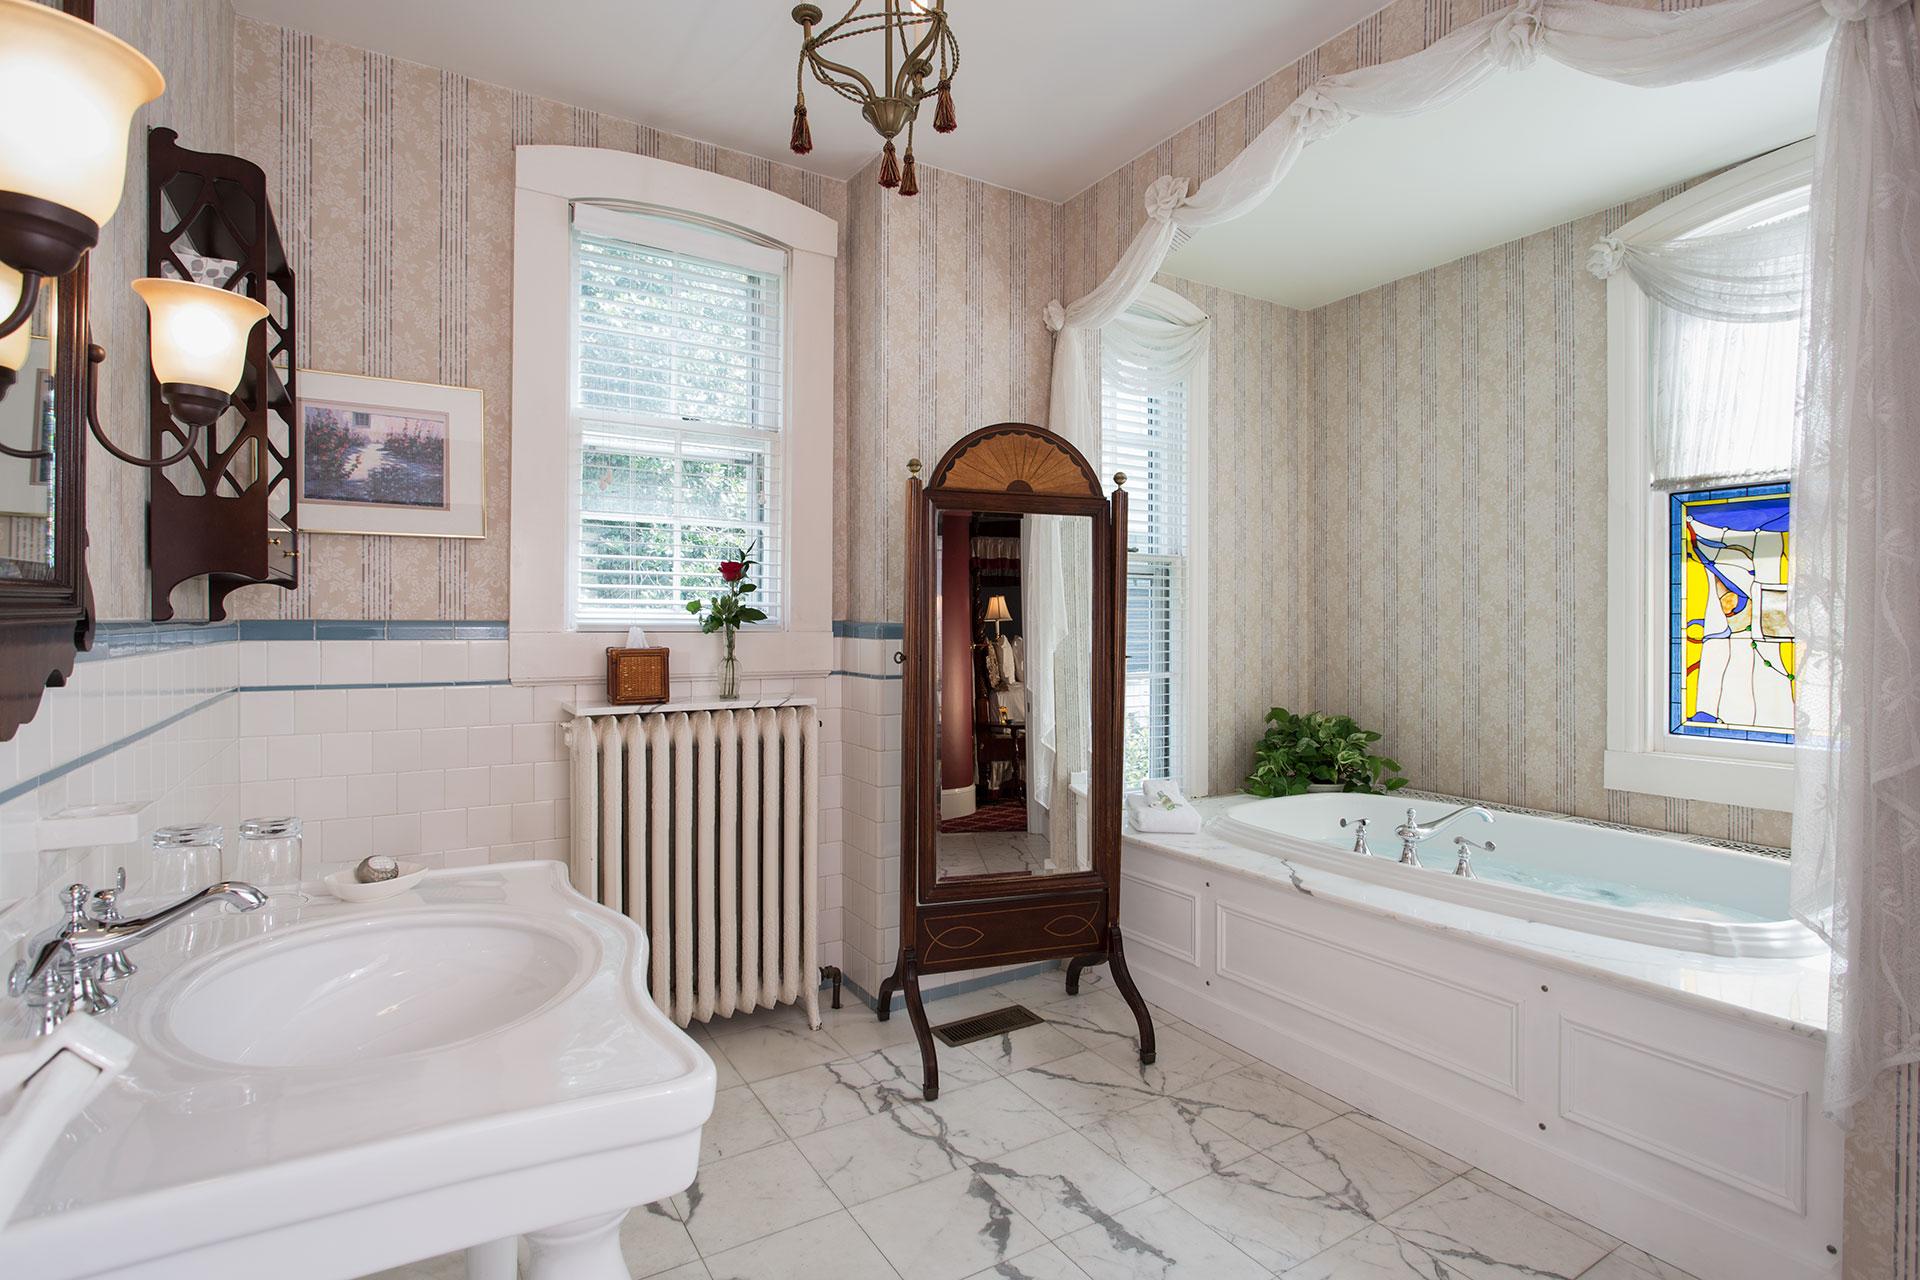 The John Guest Room Bath at La Farge - Newport, RI